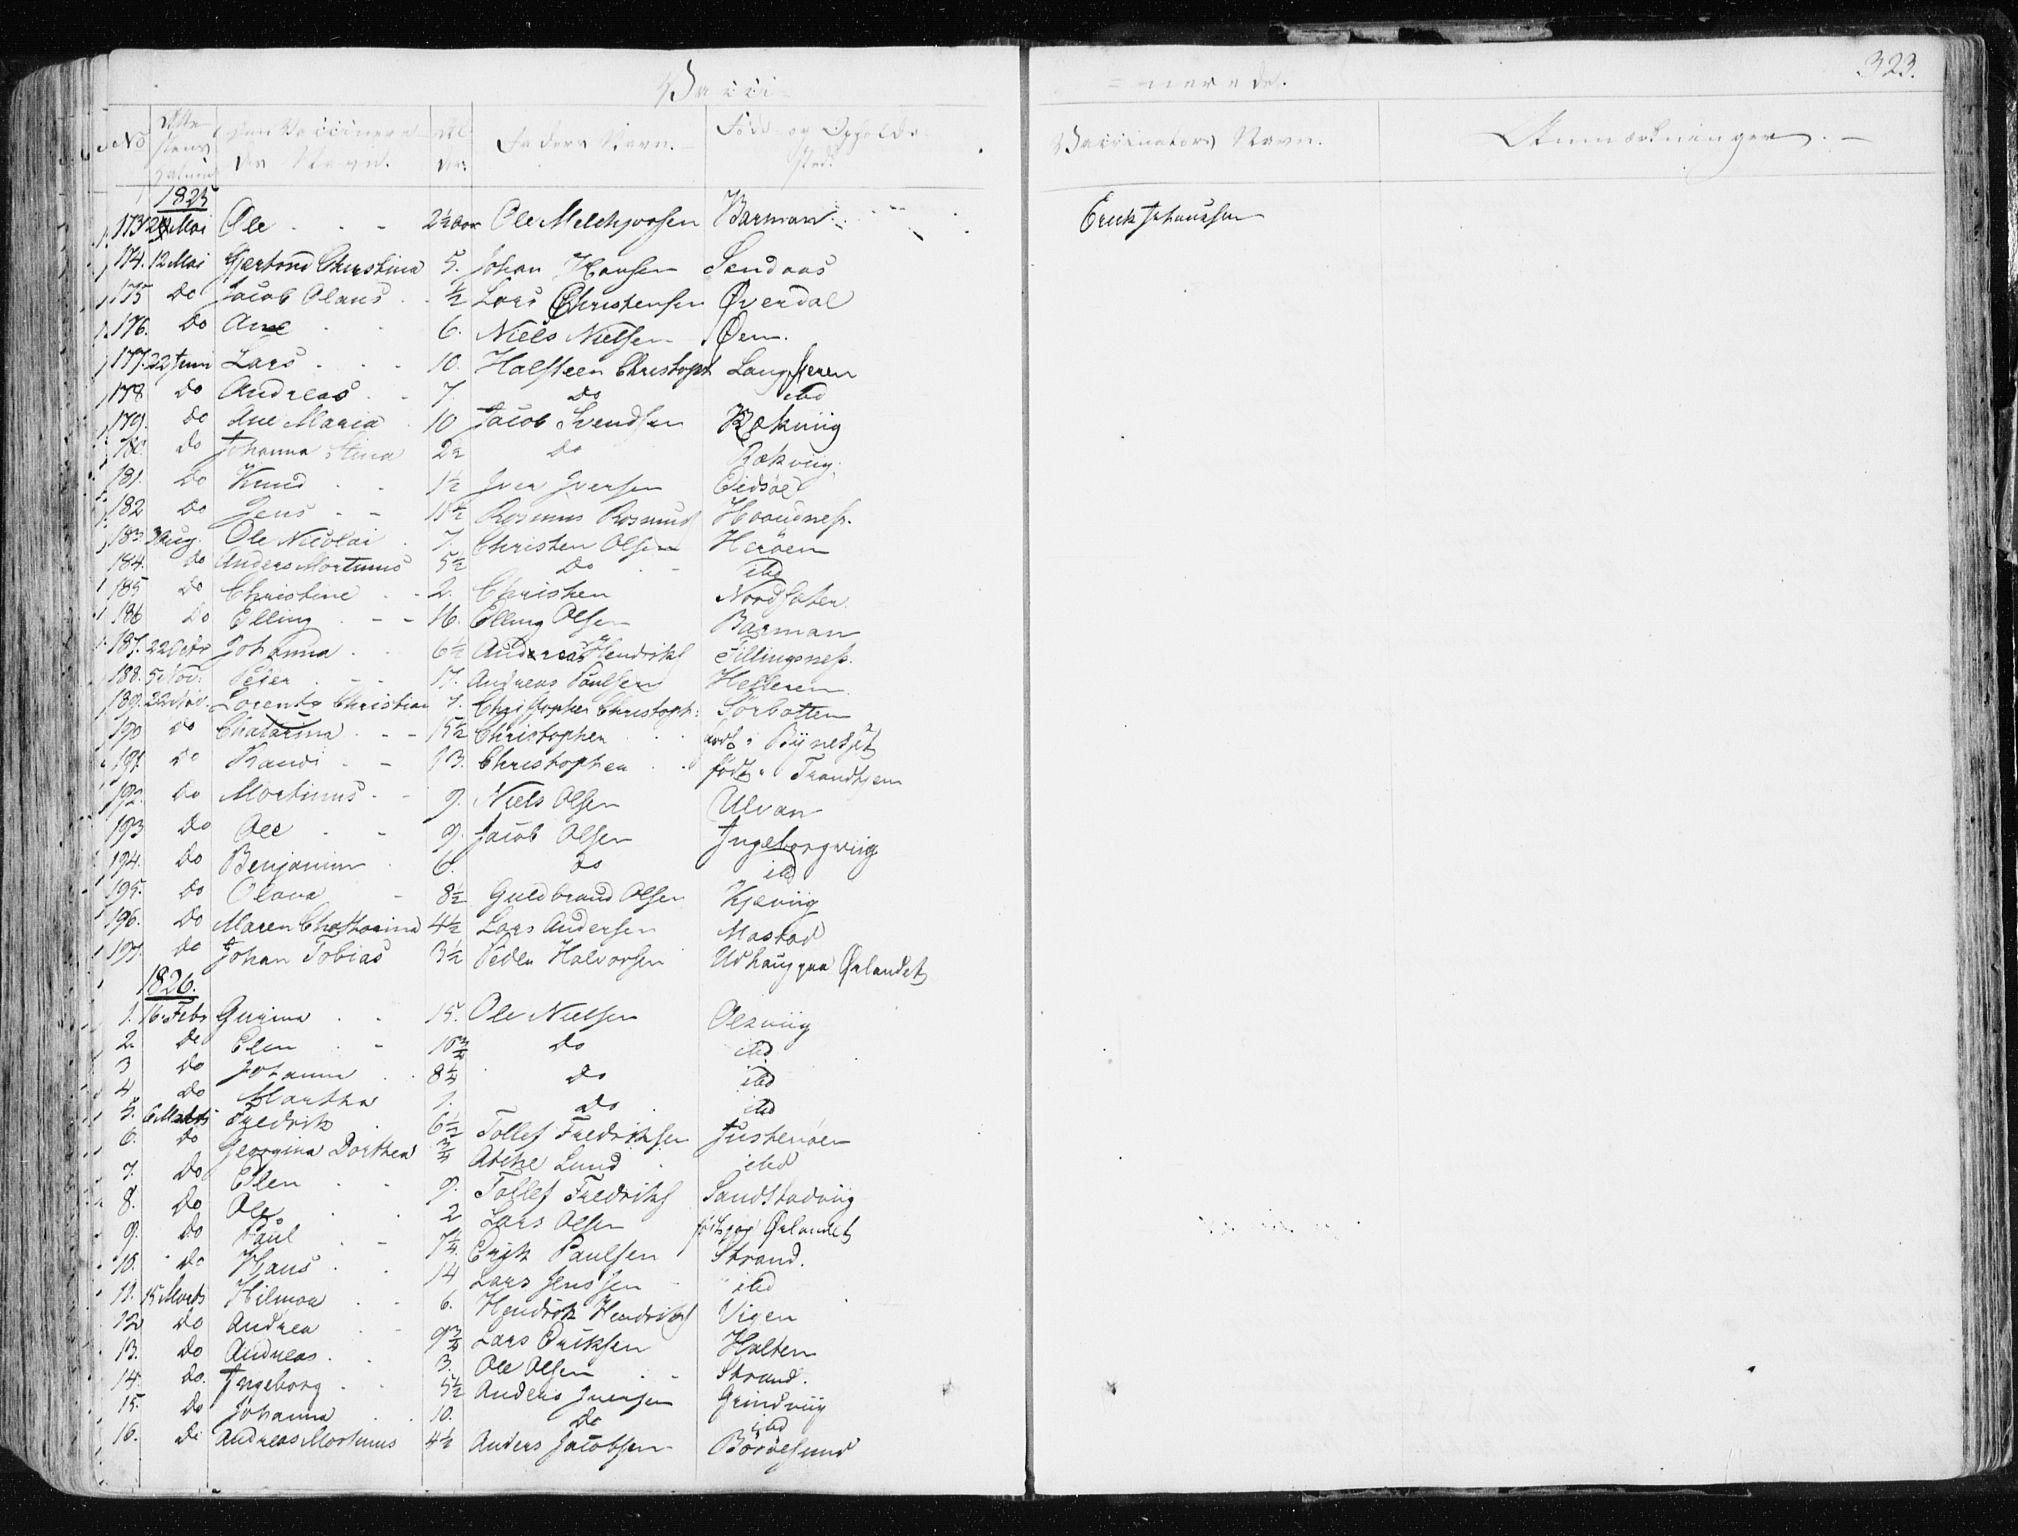 SAT, Ministerialprotokoller, klokkerbøker og fødselsregistre - Sør-Trøndelag, 634/L0528: Ministerialbok nr. 634A04, 1827-1842, s. 323